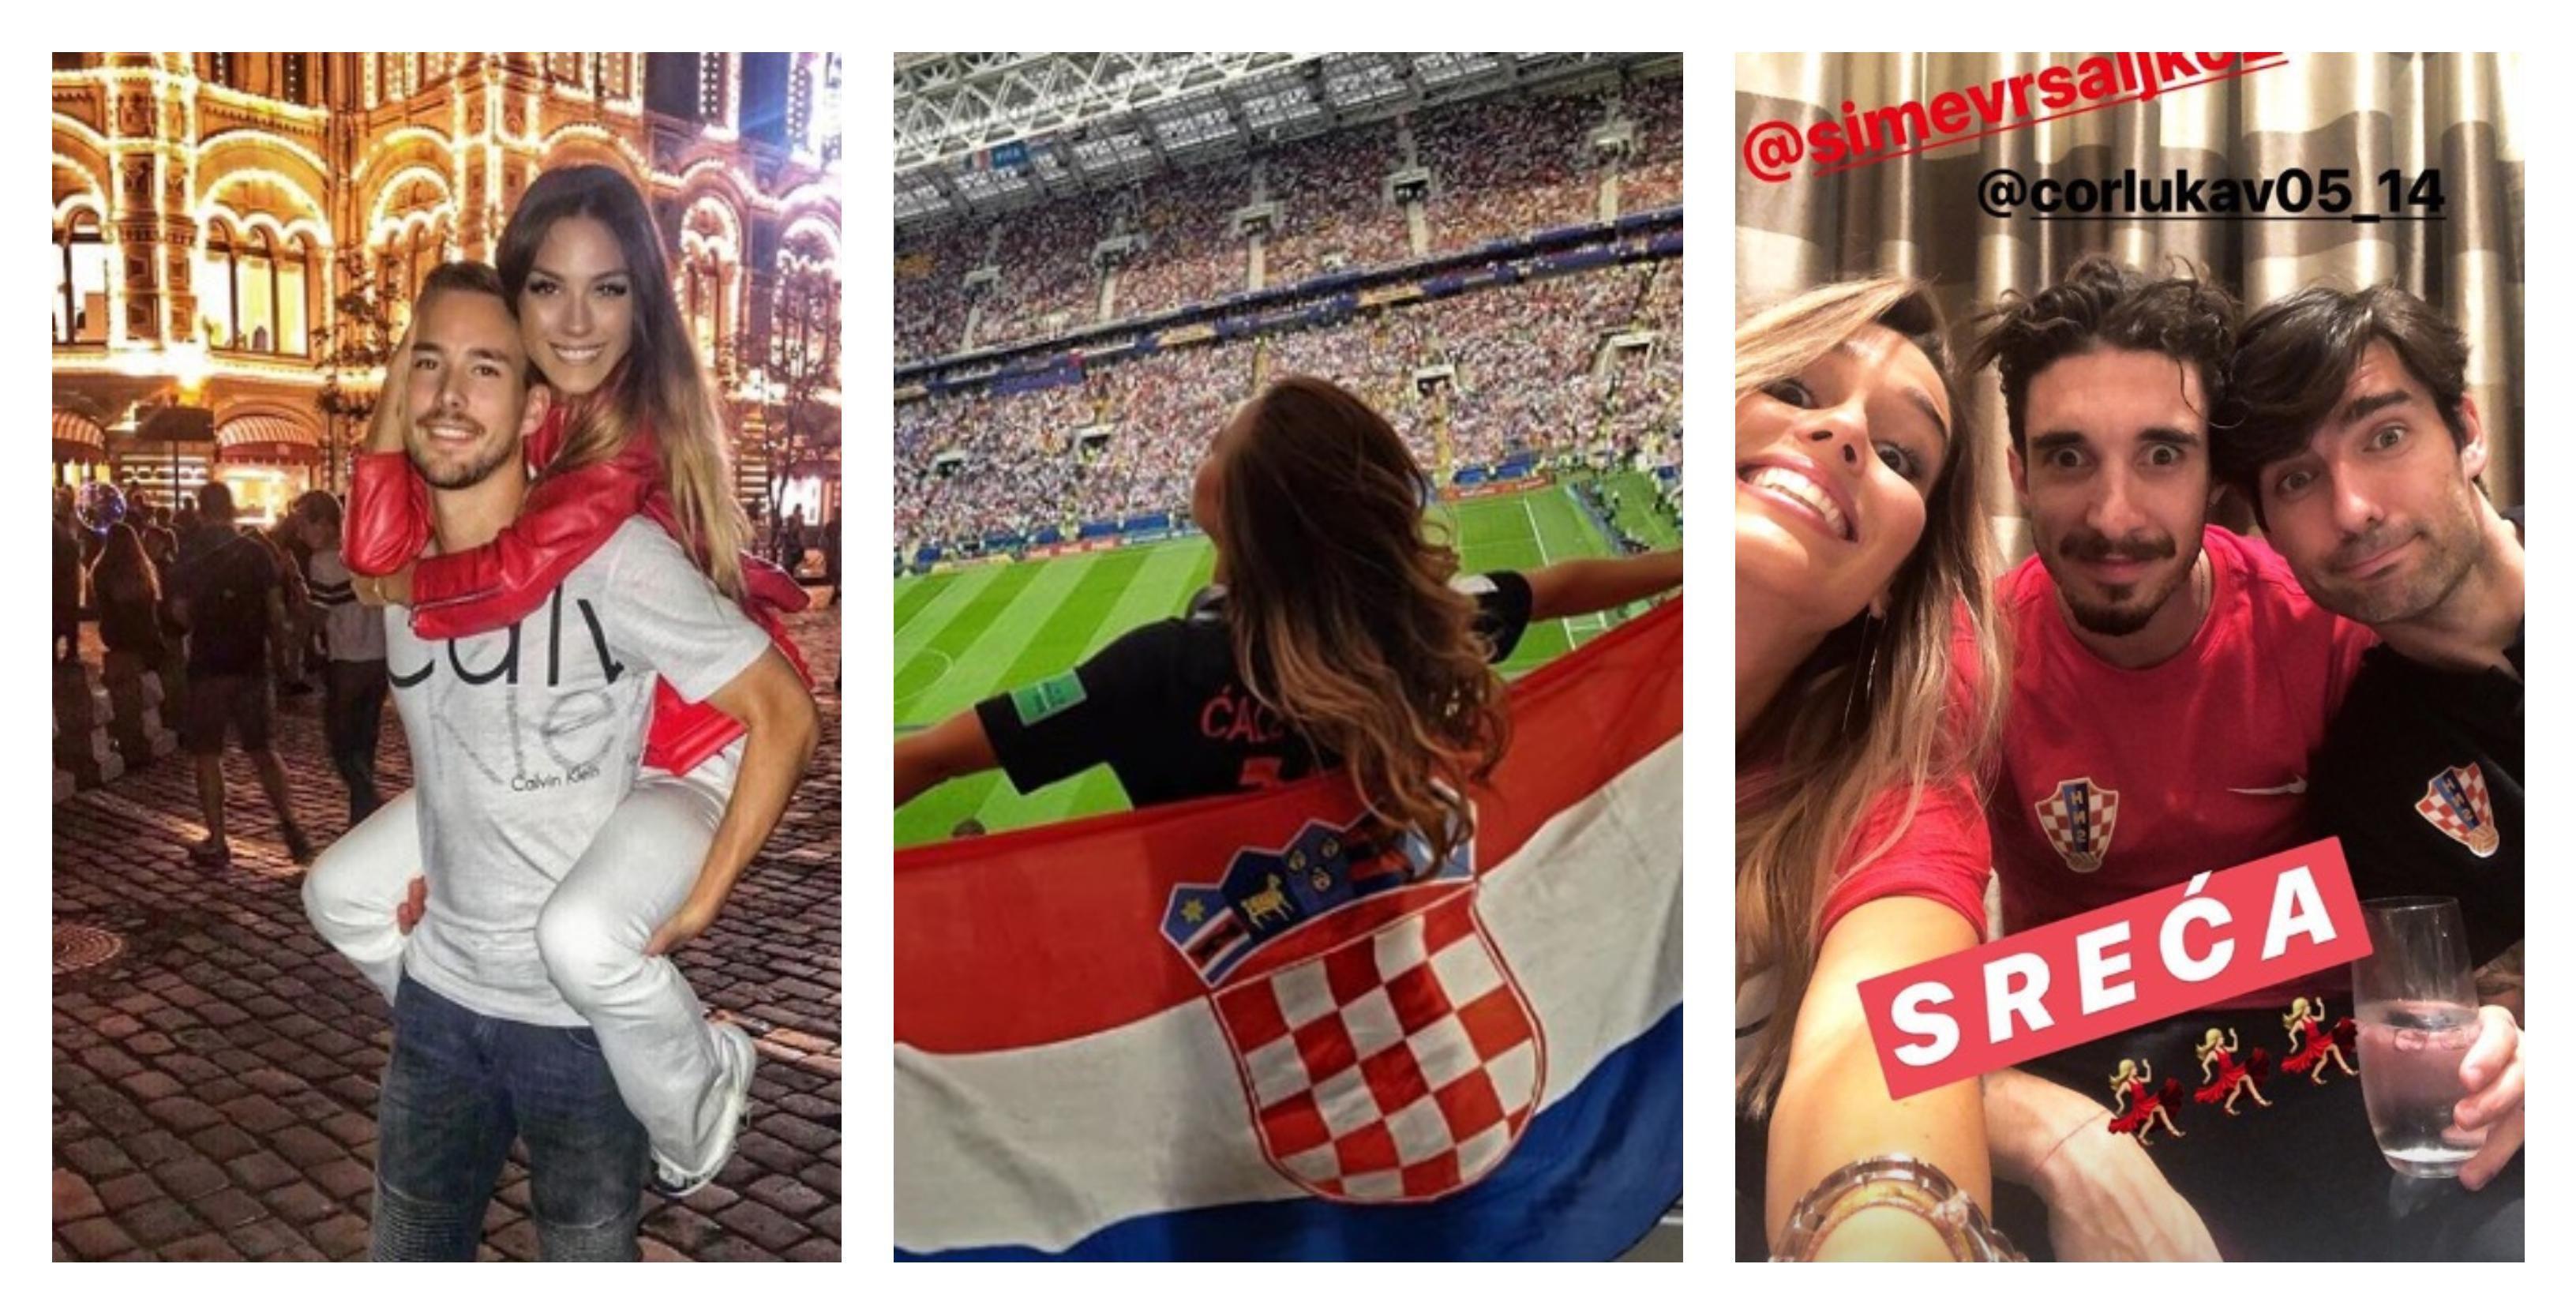 Ponos, sreća, ljubav... Pogledajte kako su pobjedu proslavile djevojke i supruge naših nogometaša